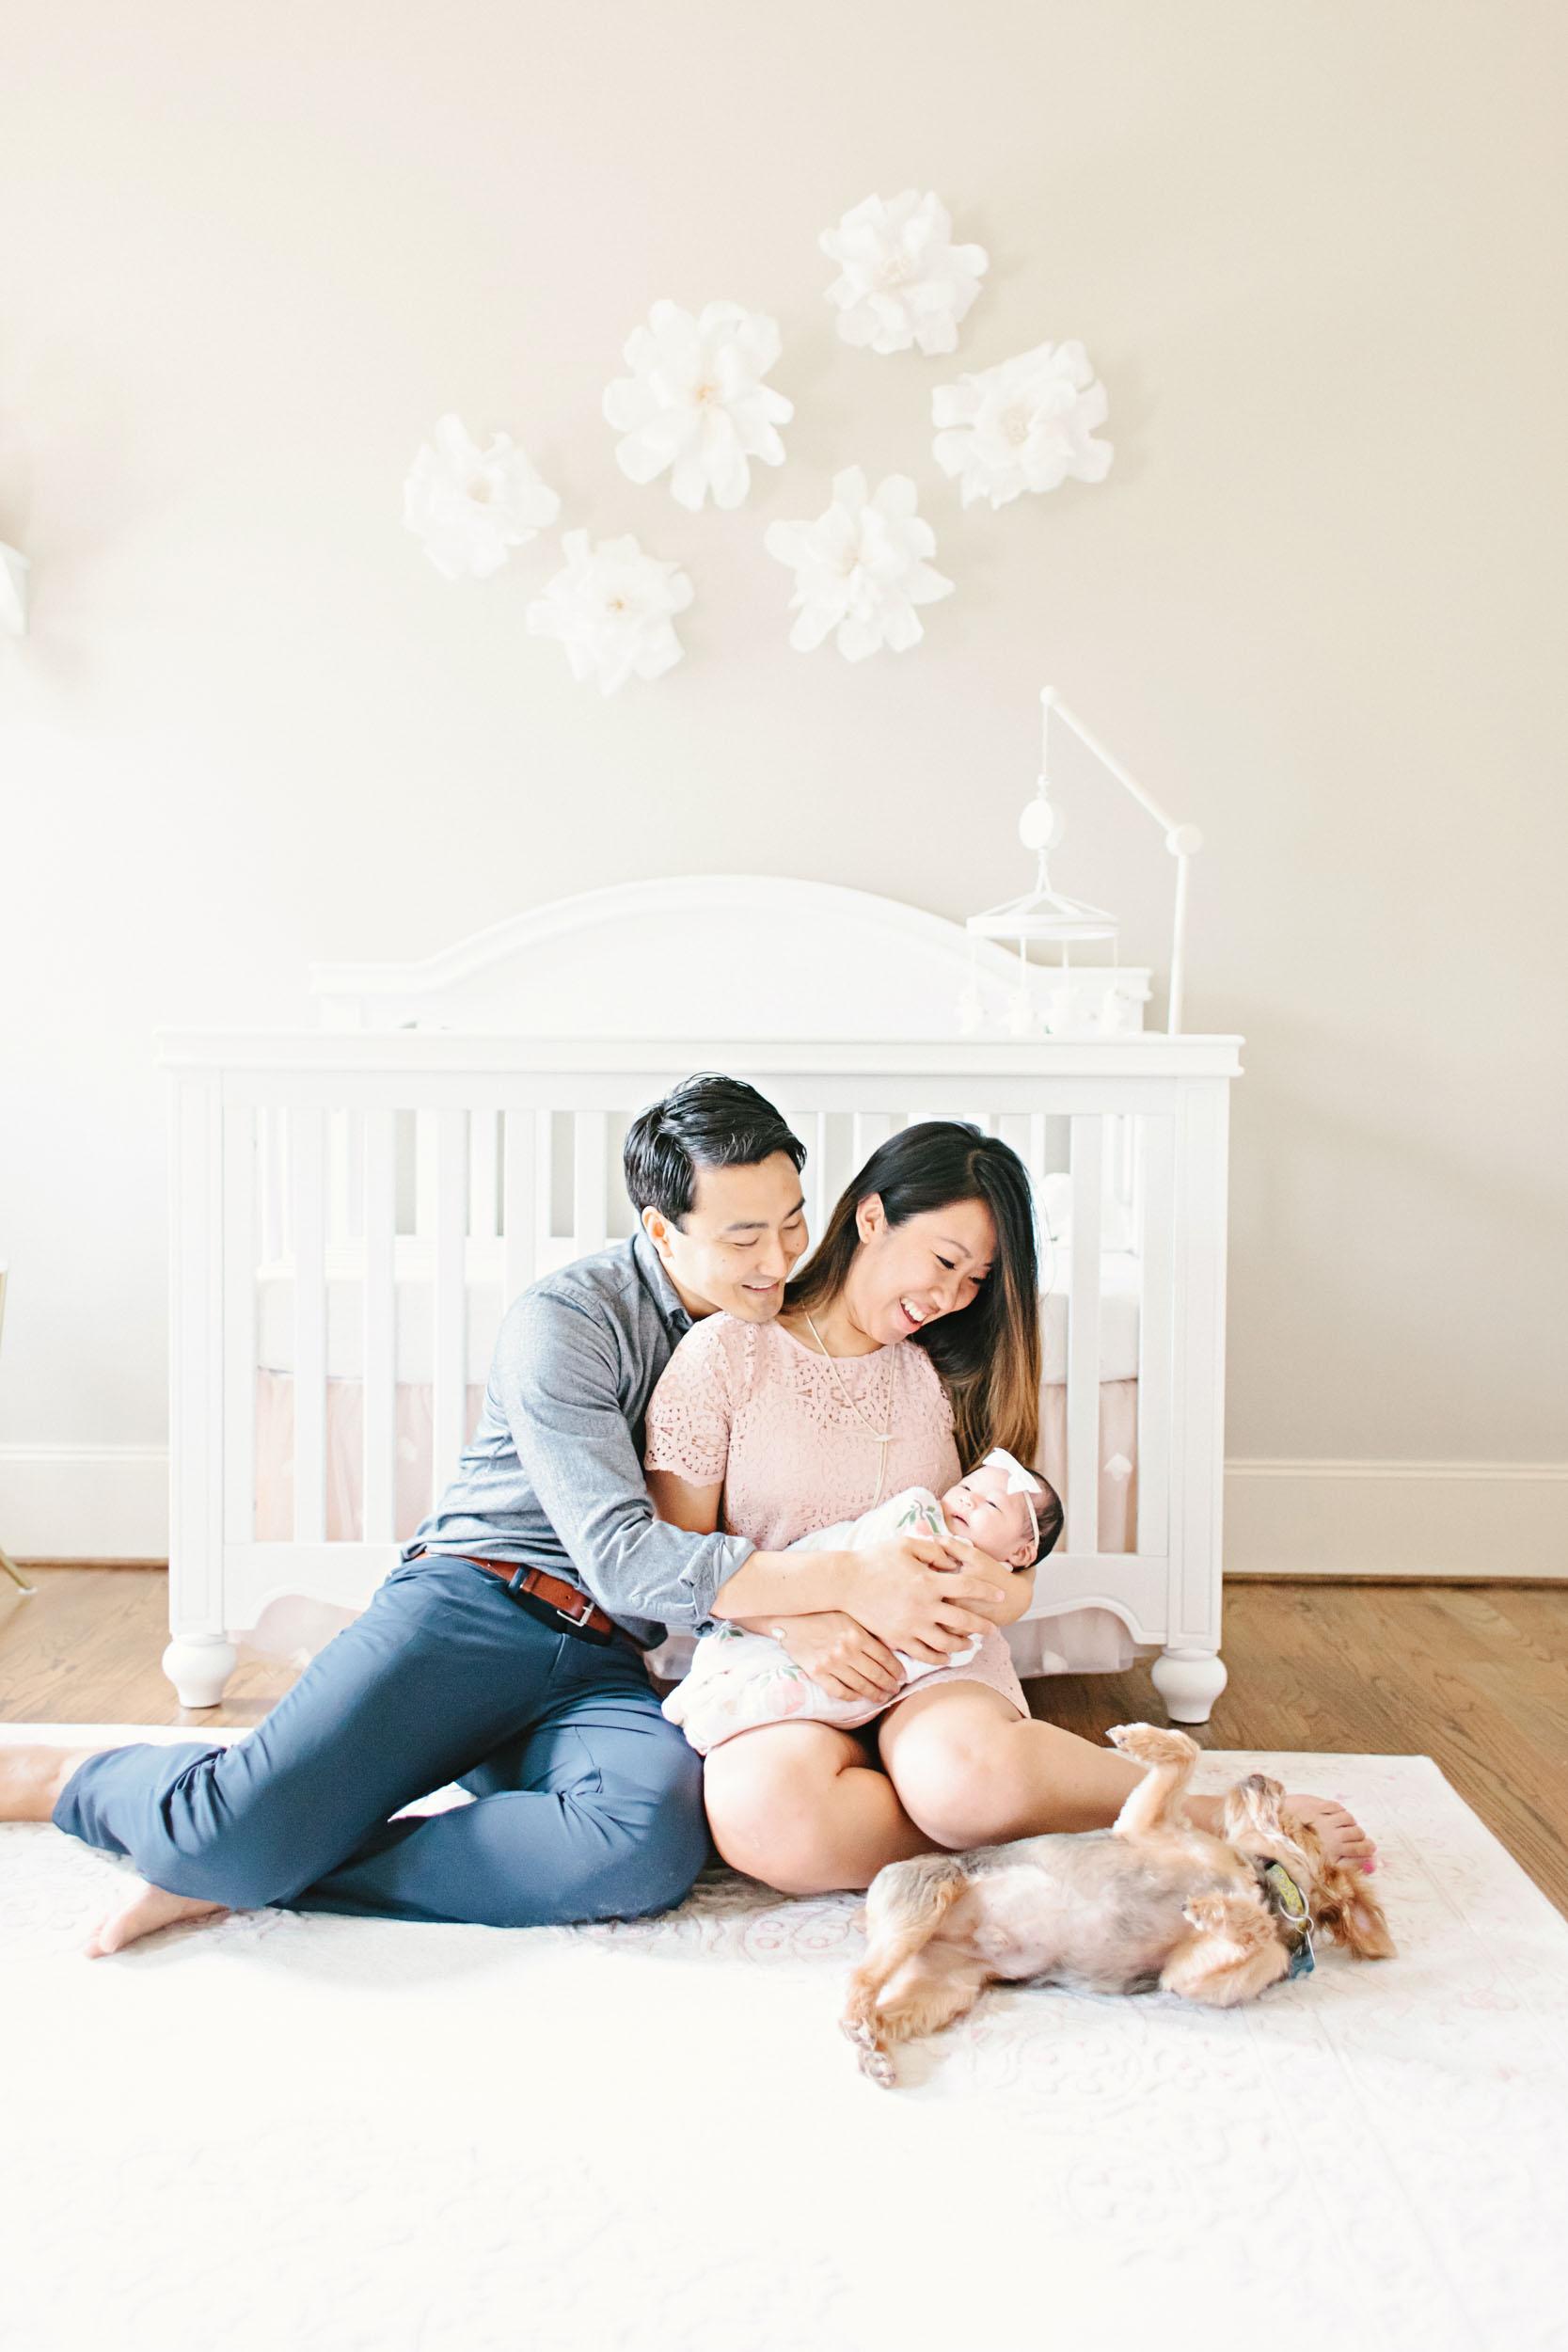 Lifestyle Newborn Photographer_Cassie Schott Photography_Houston_Chicago.jpg